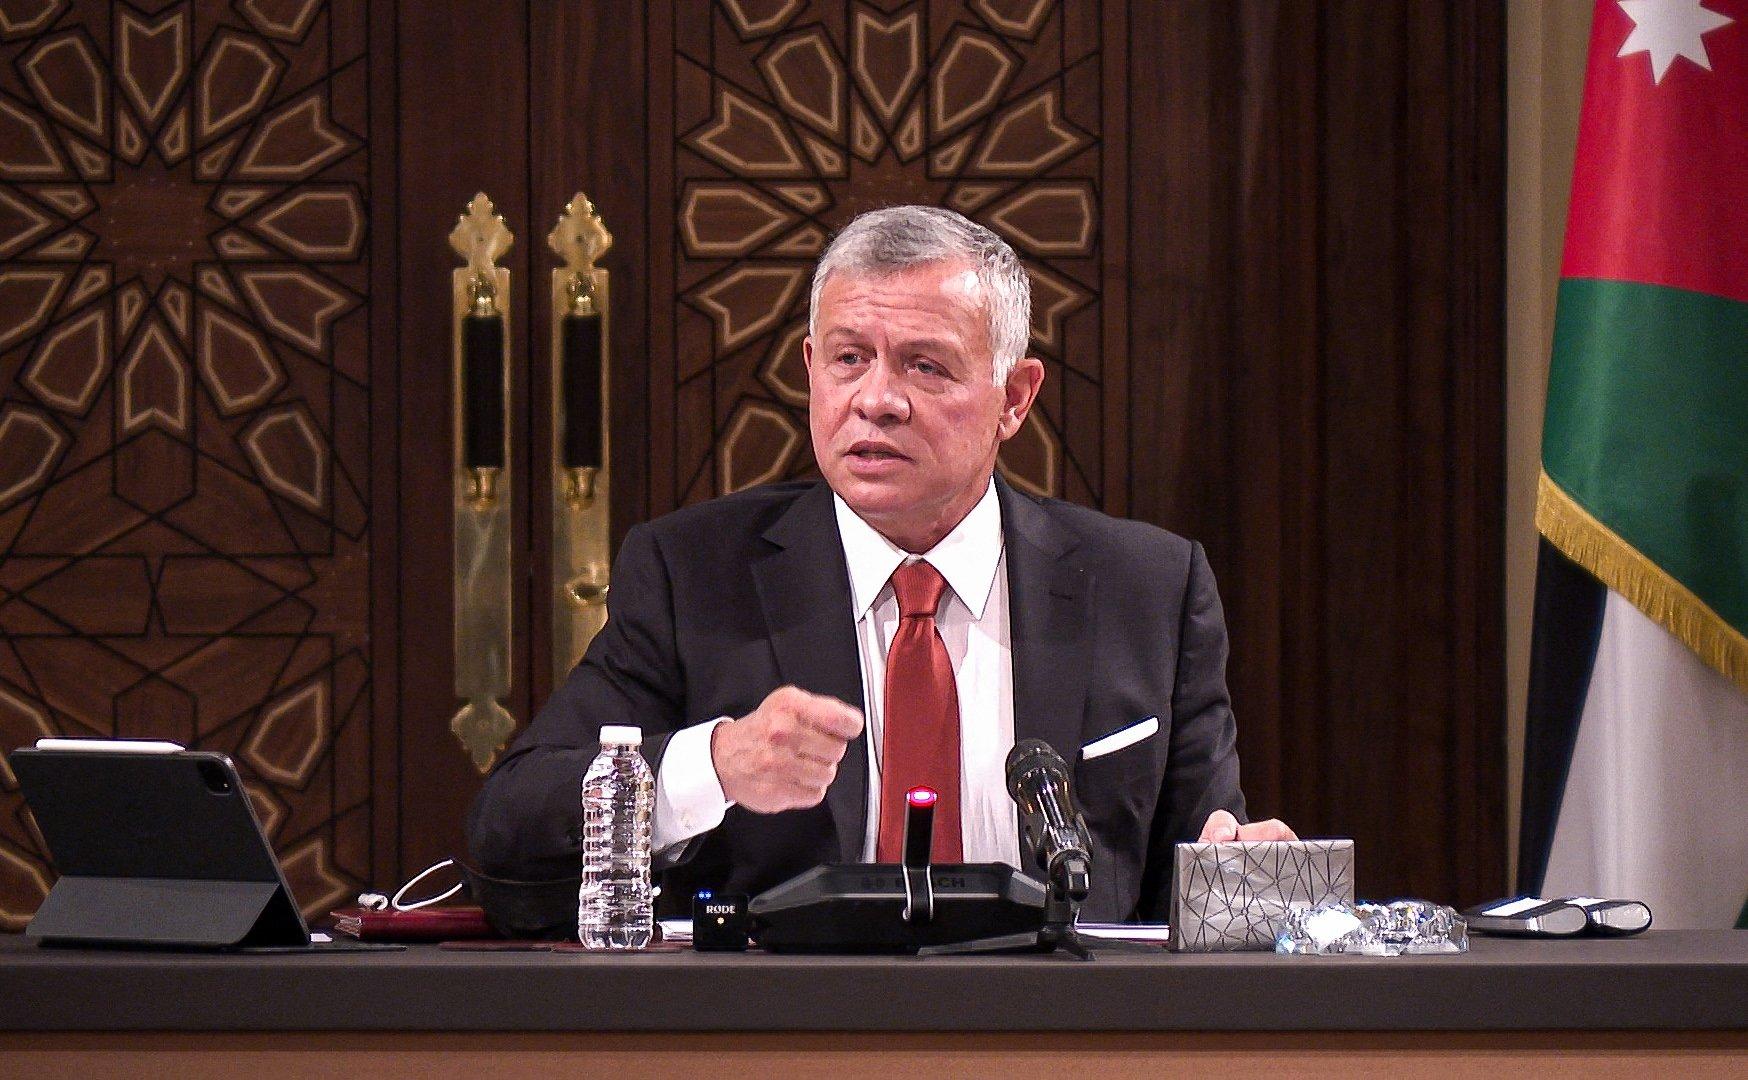 Jordan's King Abdullah says 'sedition buried' after palace turmoil | Daily  Sabah